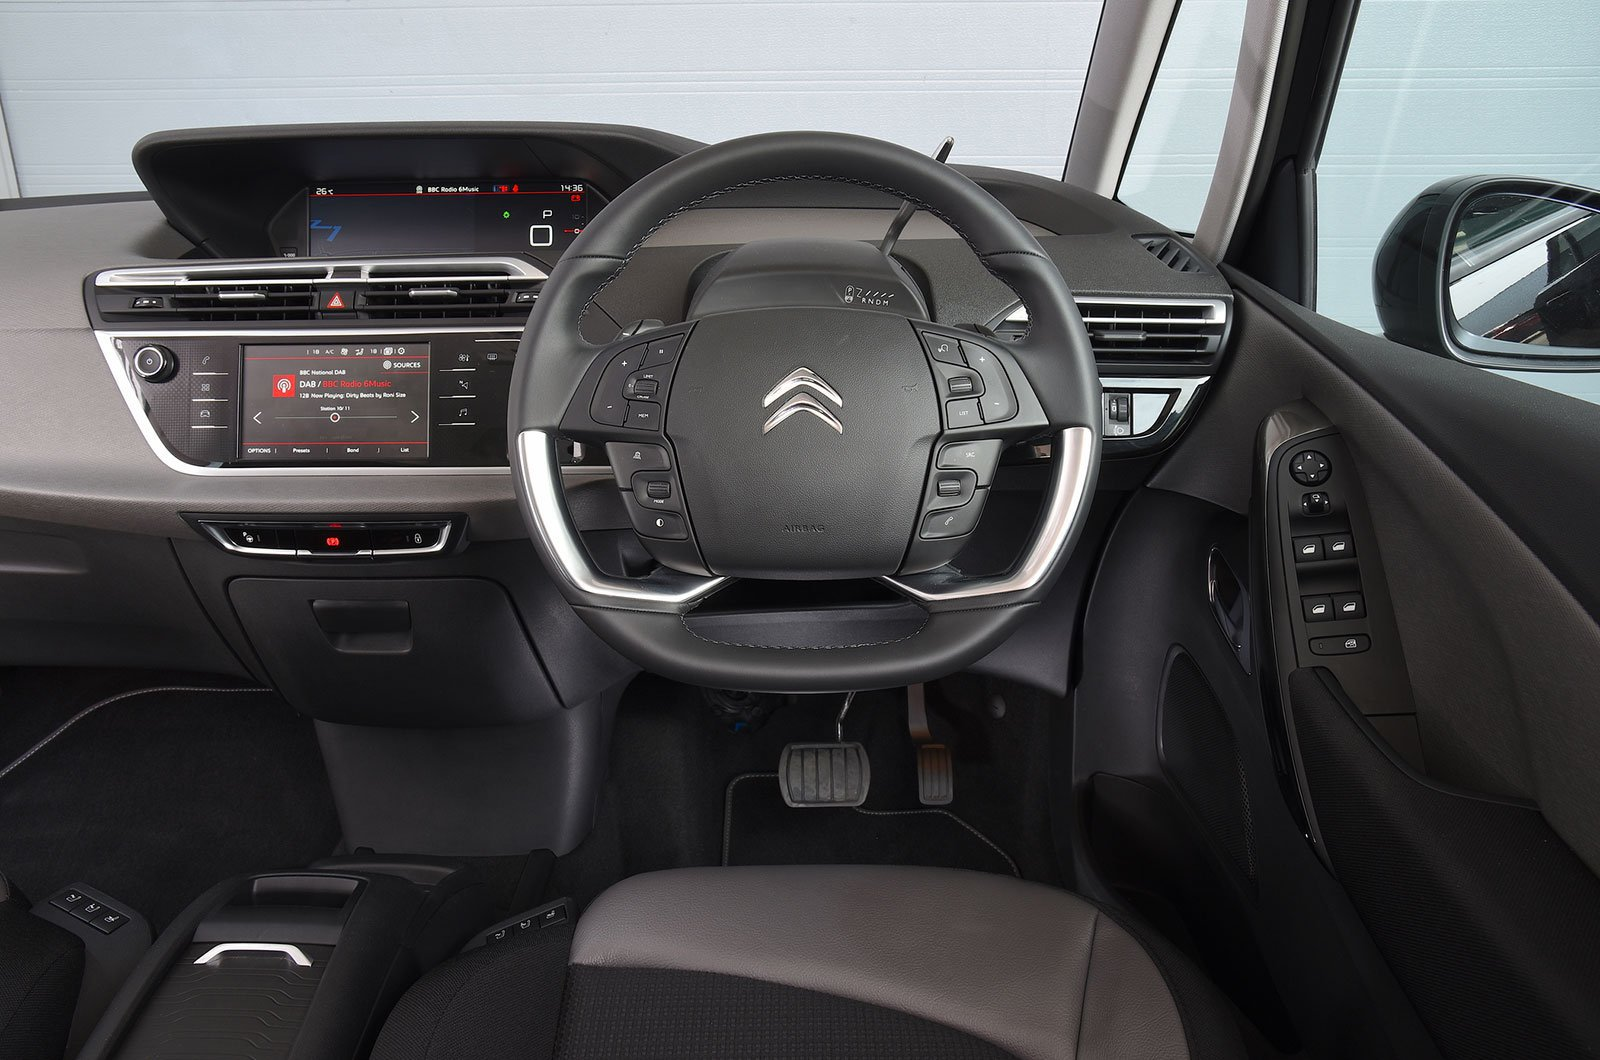 Citroën Grand C4 Spacetourer 1.2 Puretech 130 Touch Edition - interior